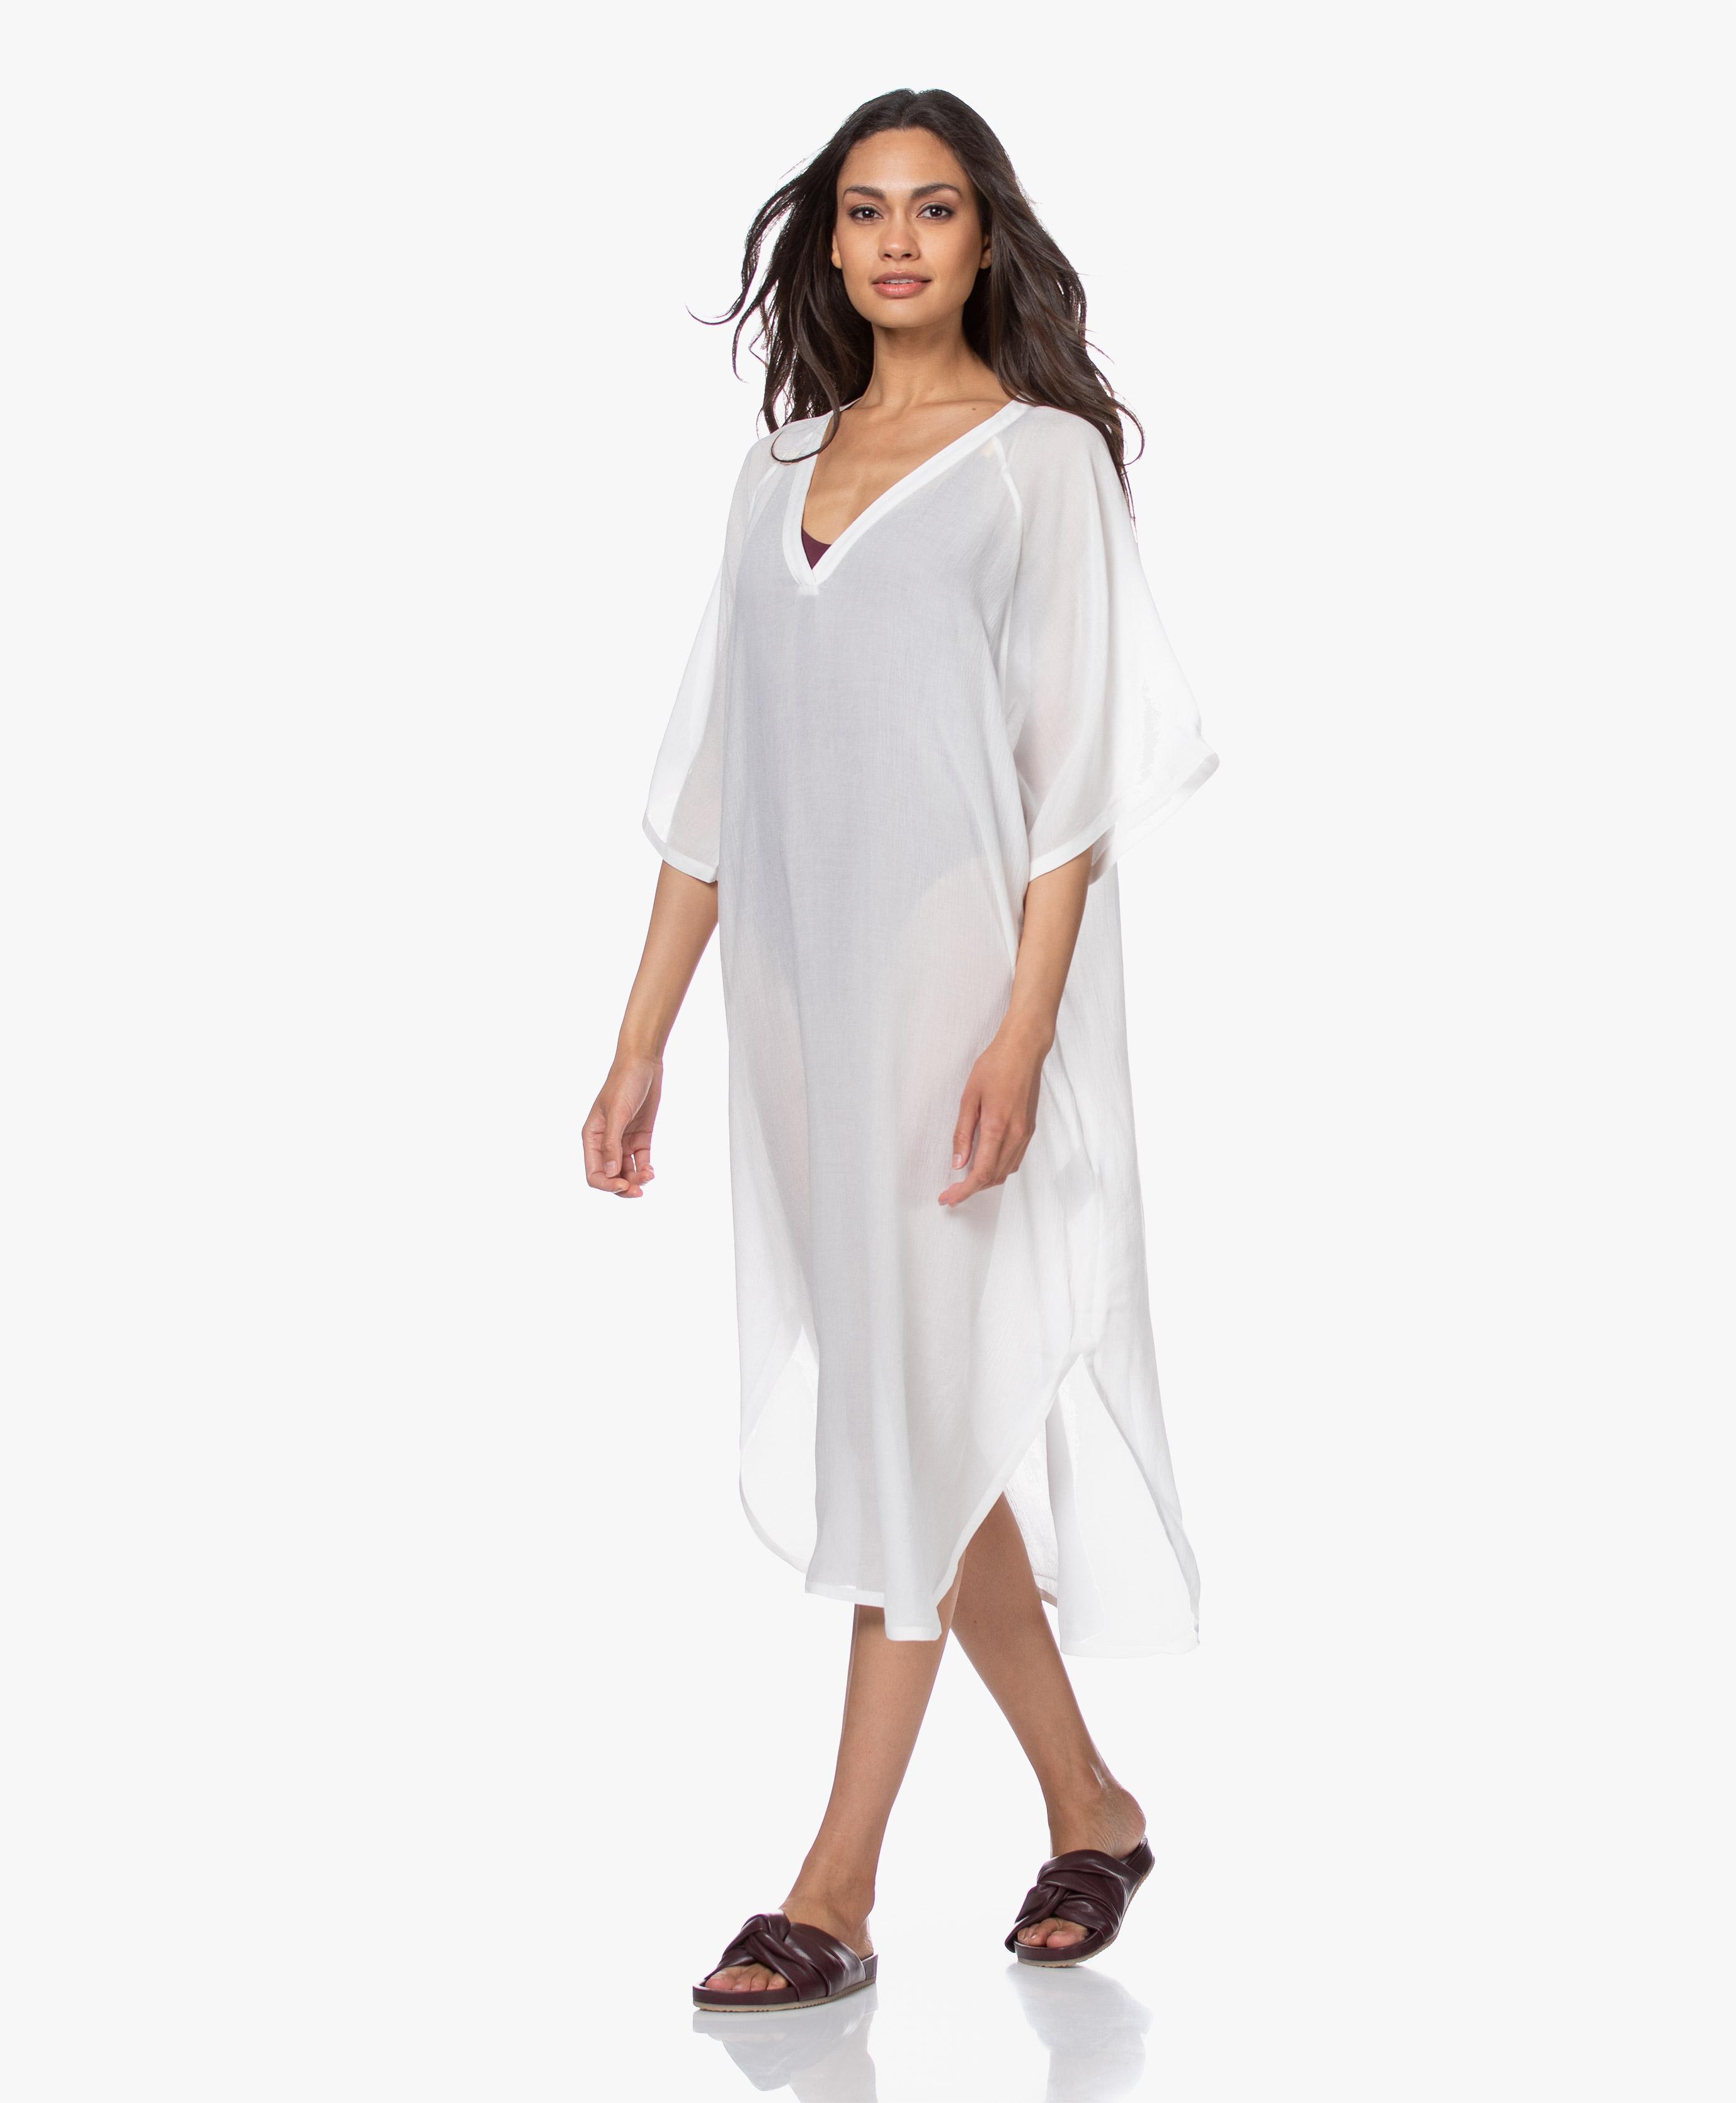 filippa k white dress